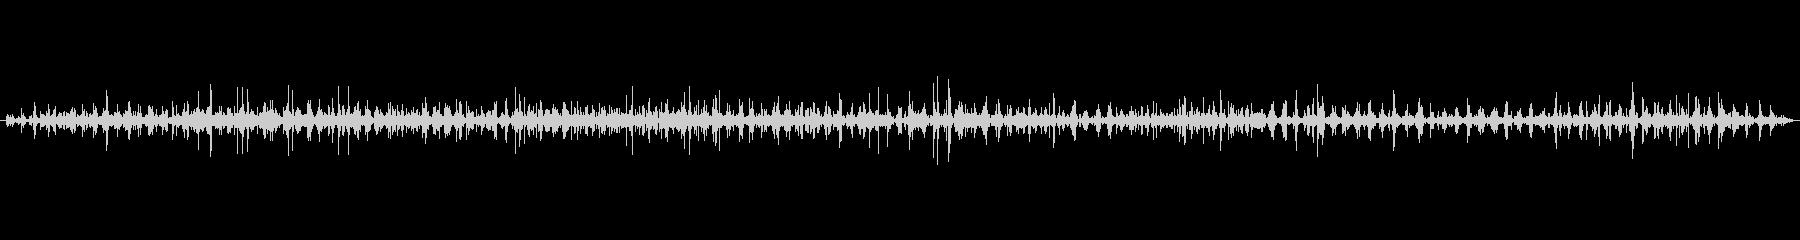 鎧 軍隊のレザーメタルラン02の未再生の波形